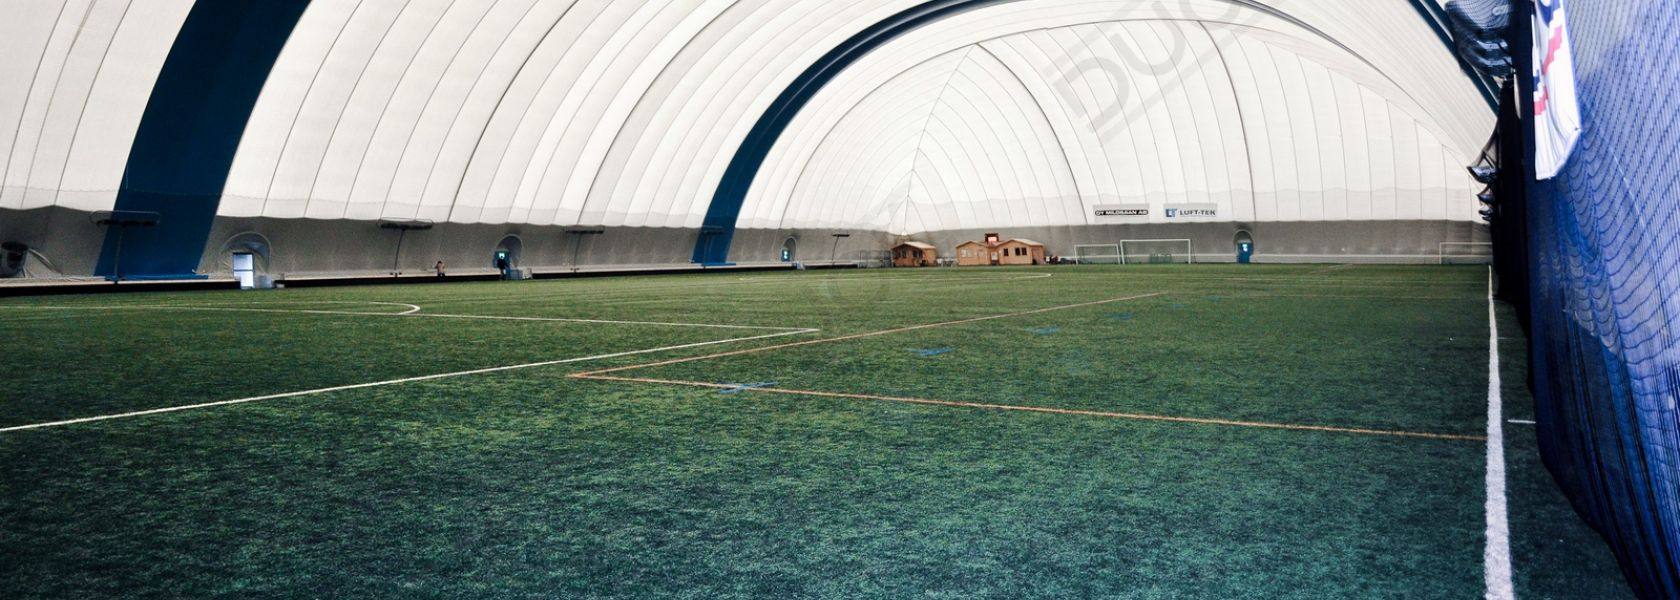 Javenture Arena